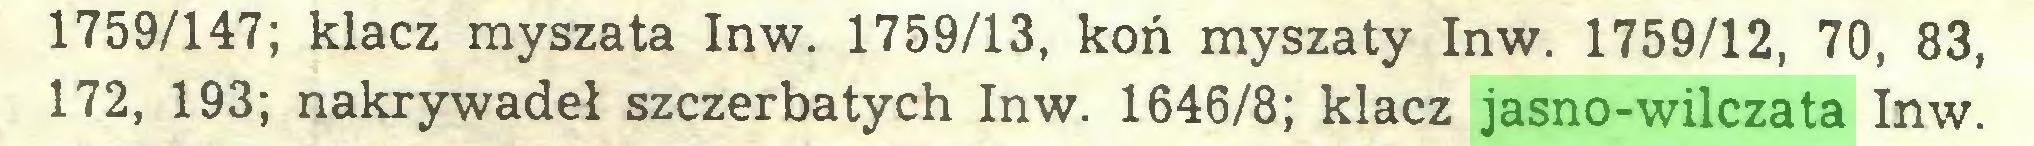 (...) 1759/147; klacz myszata Inw. 1759/13, koń myszaty Inw. 1759/12, 70, 83, 172, 193; nakrywadeł szczerbatych Inw. 1646/8; klacz jasno-wilczata Inw...